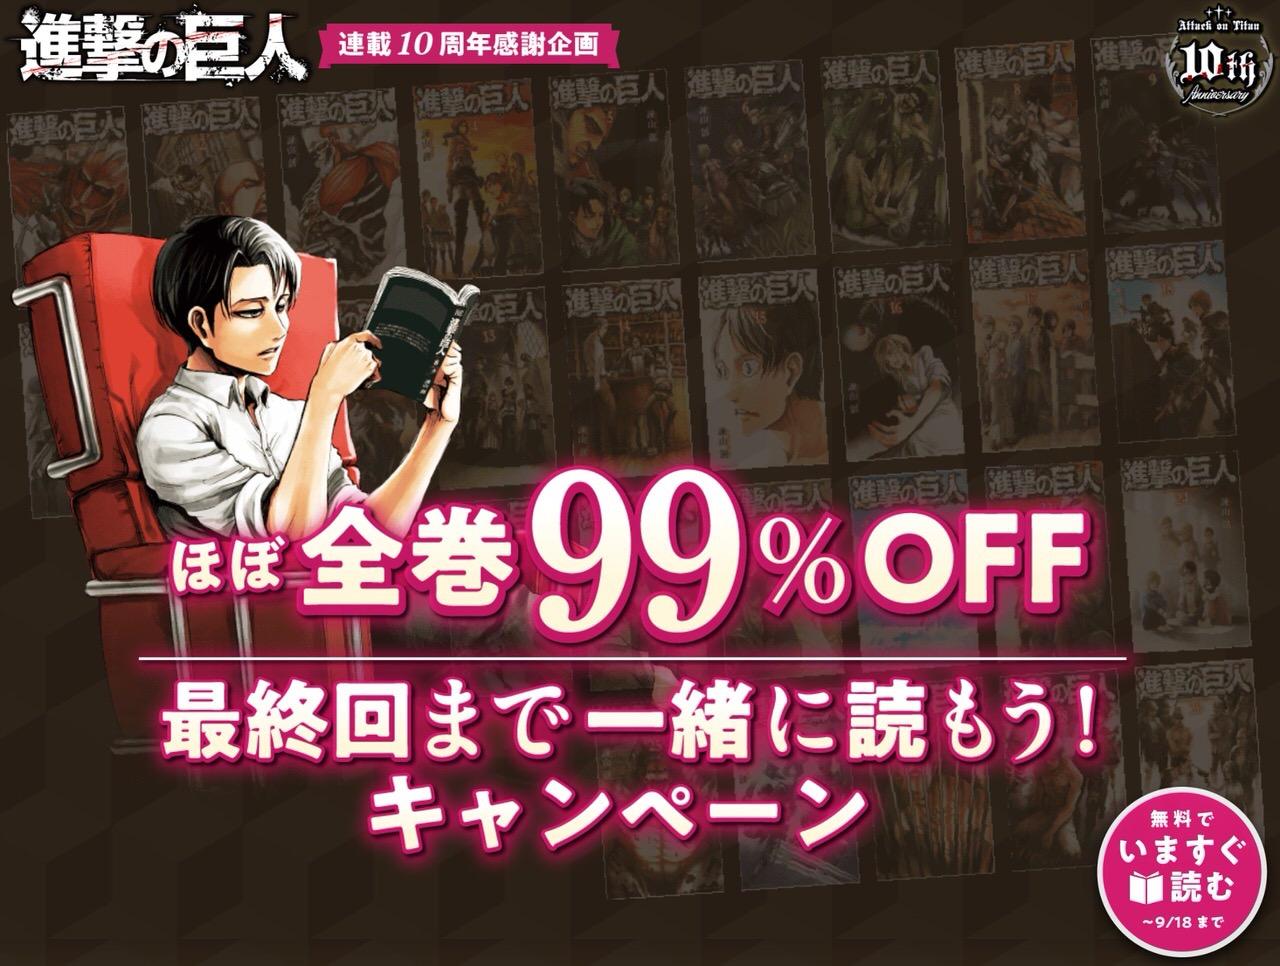 「進撃の巨人」全29巻が100円に!99%オフキャンペーン「最終回まで一緒に読もう!キャンペーン」実施中(9/18まで)